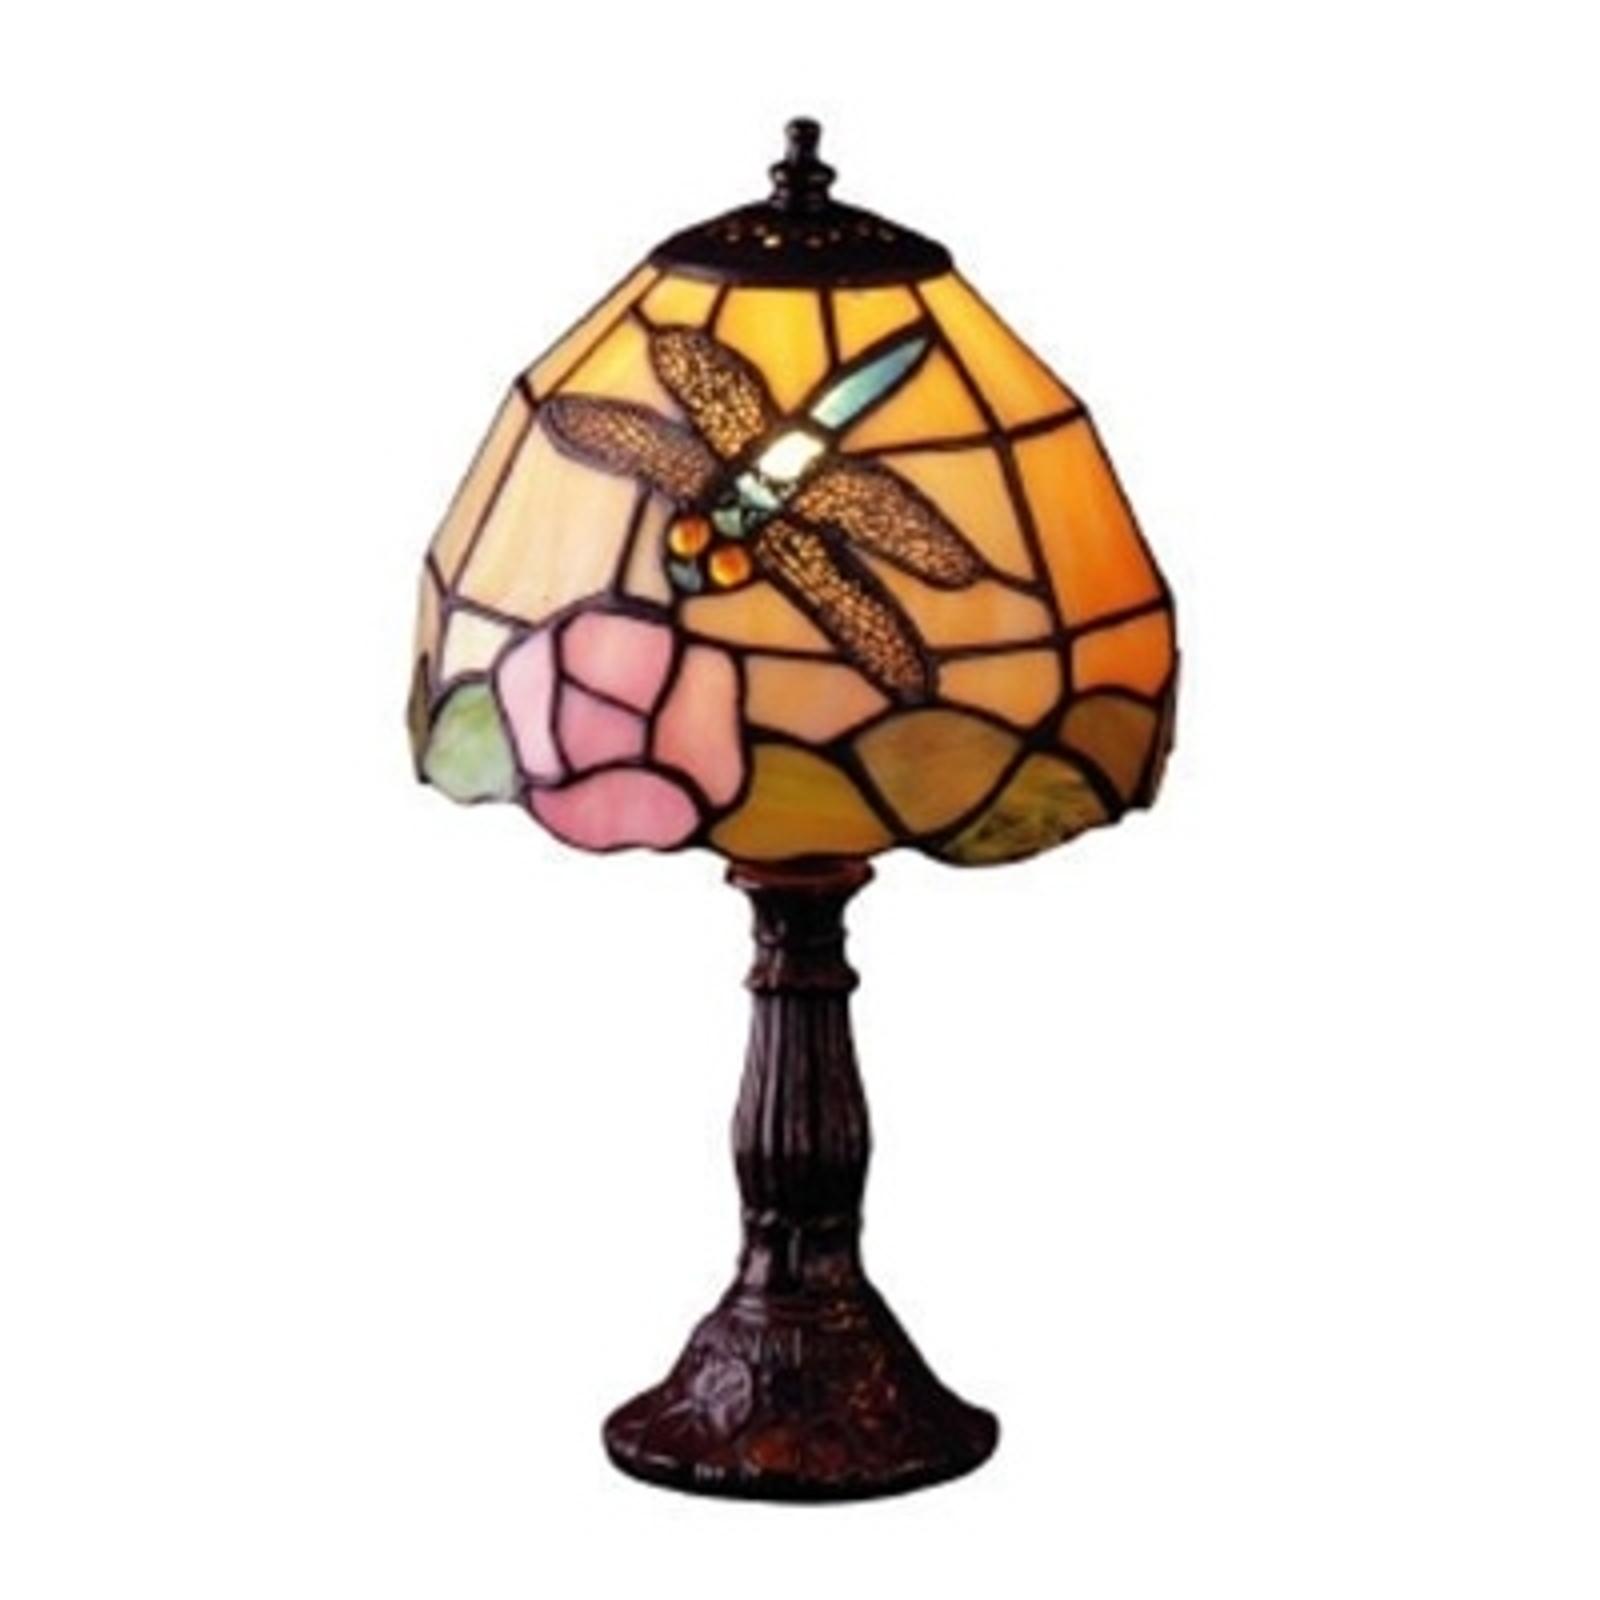 Lampa stołowa JANNEKE w stylu Tiffany